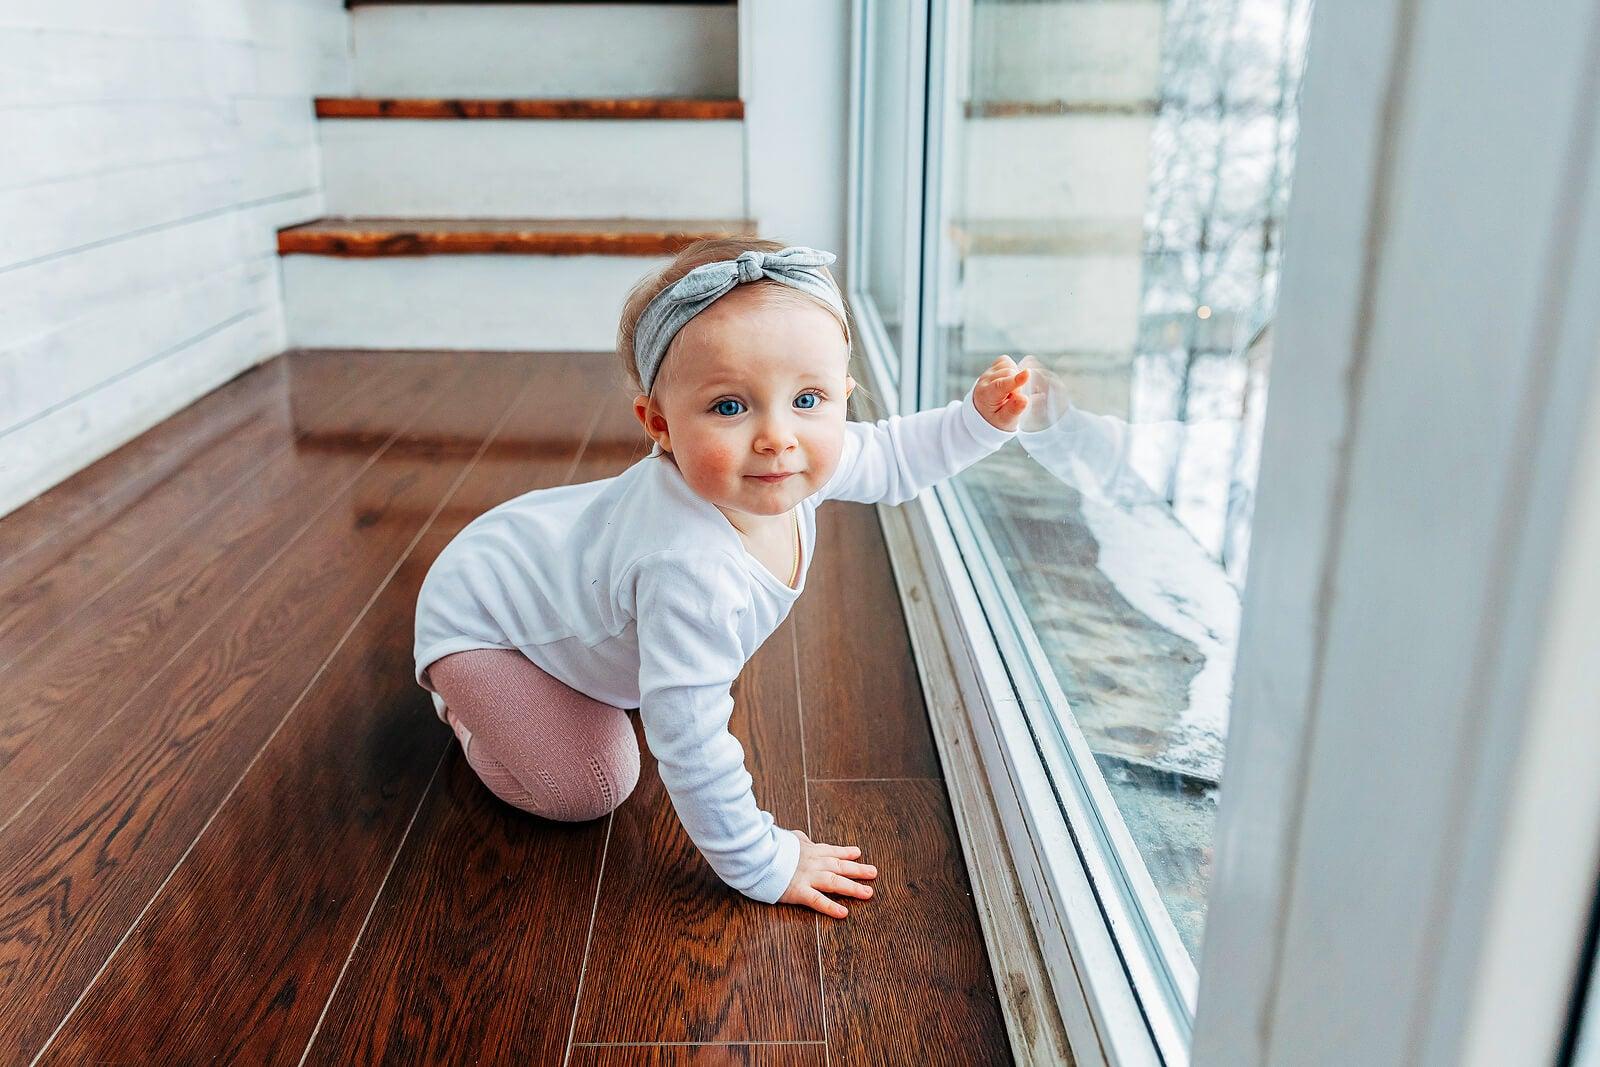 Bebé con un nombre inspirado en la geografía asomada a la ventana.